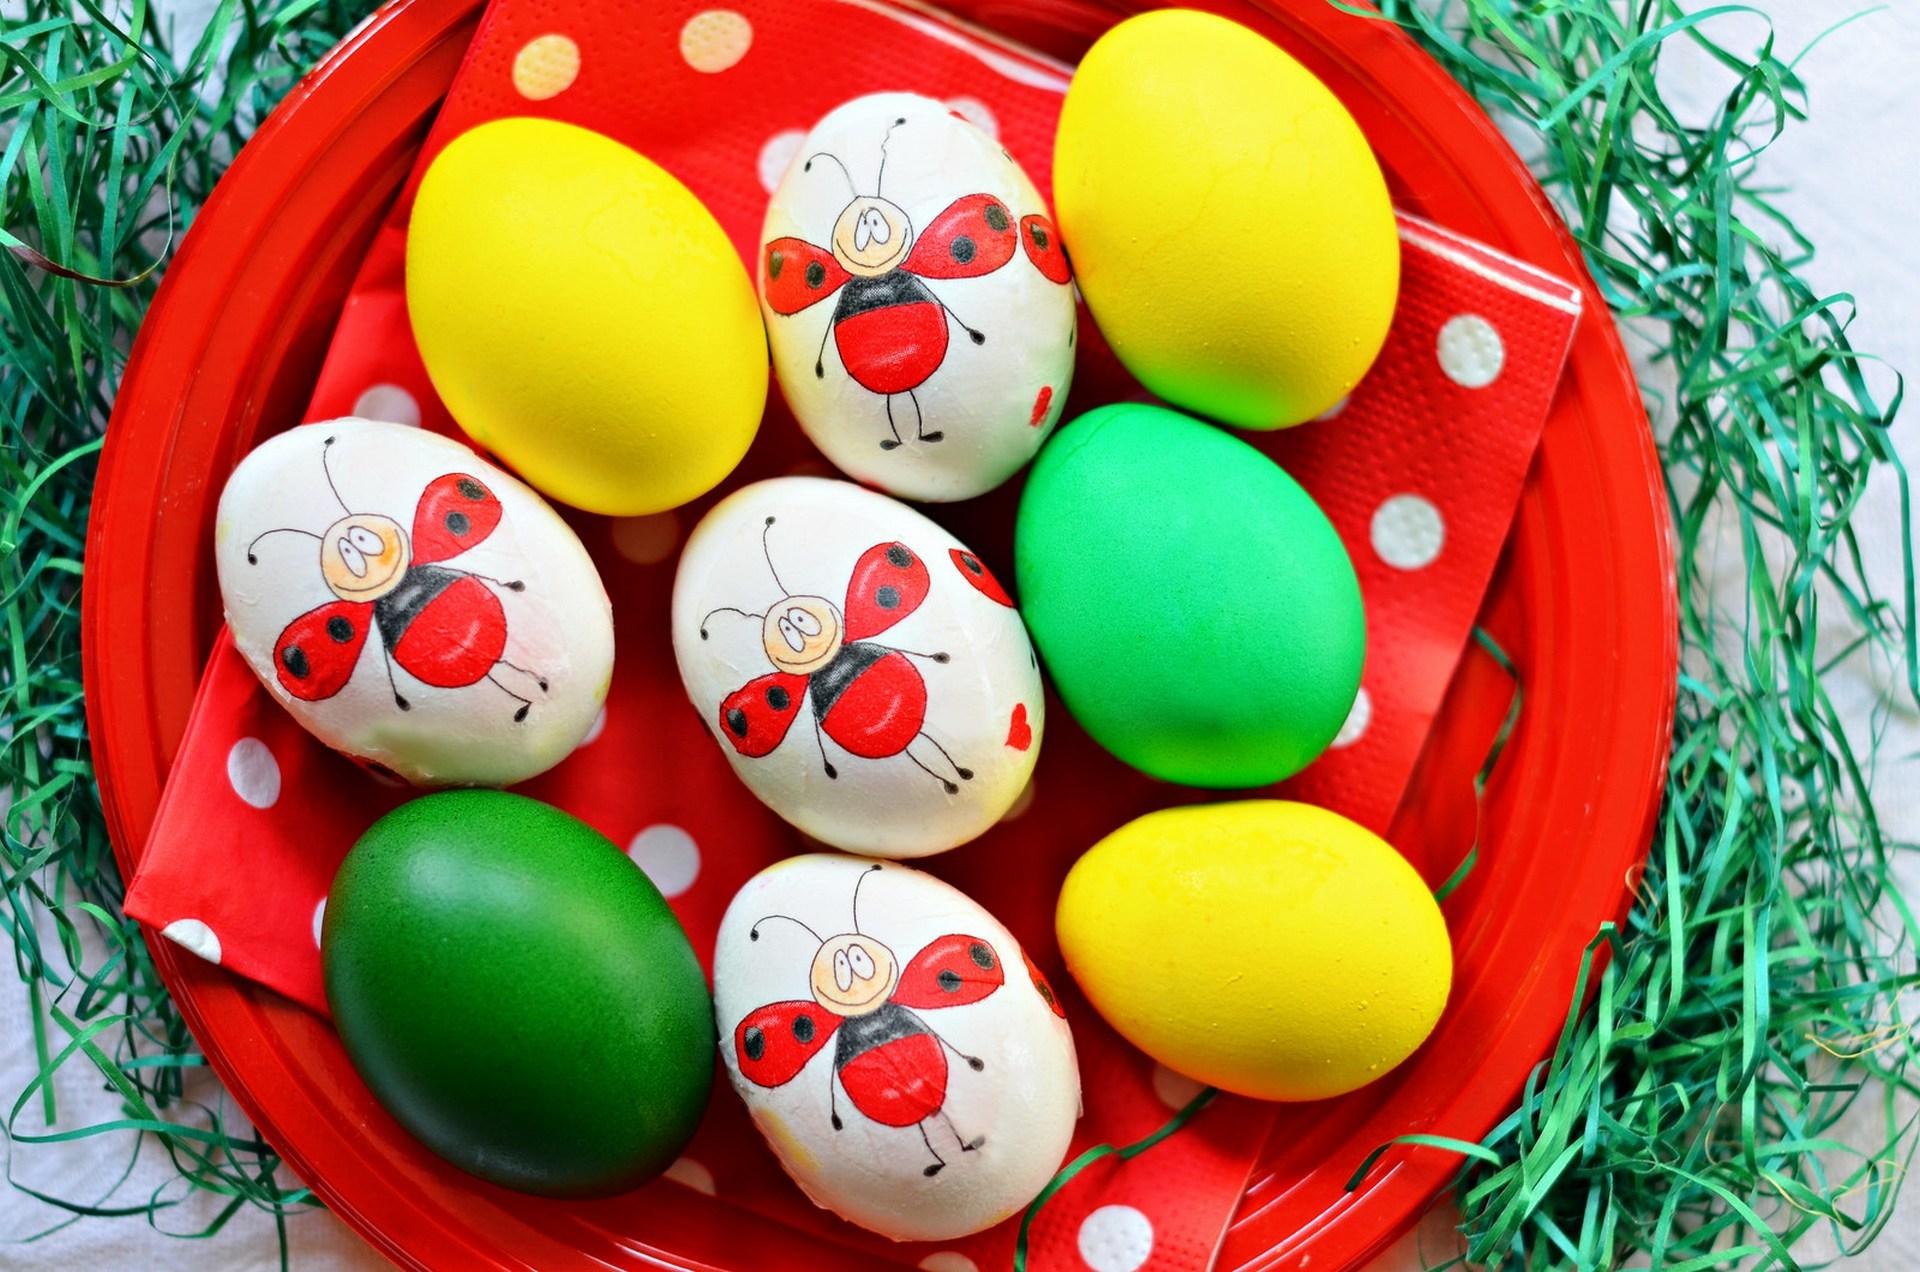 71929 descargar fondo de pantalla Vacaciones, Pintado, Lámina, Plato, Decoración, Pascua, Huevos: protectores de pantalla e imágenes gratis